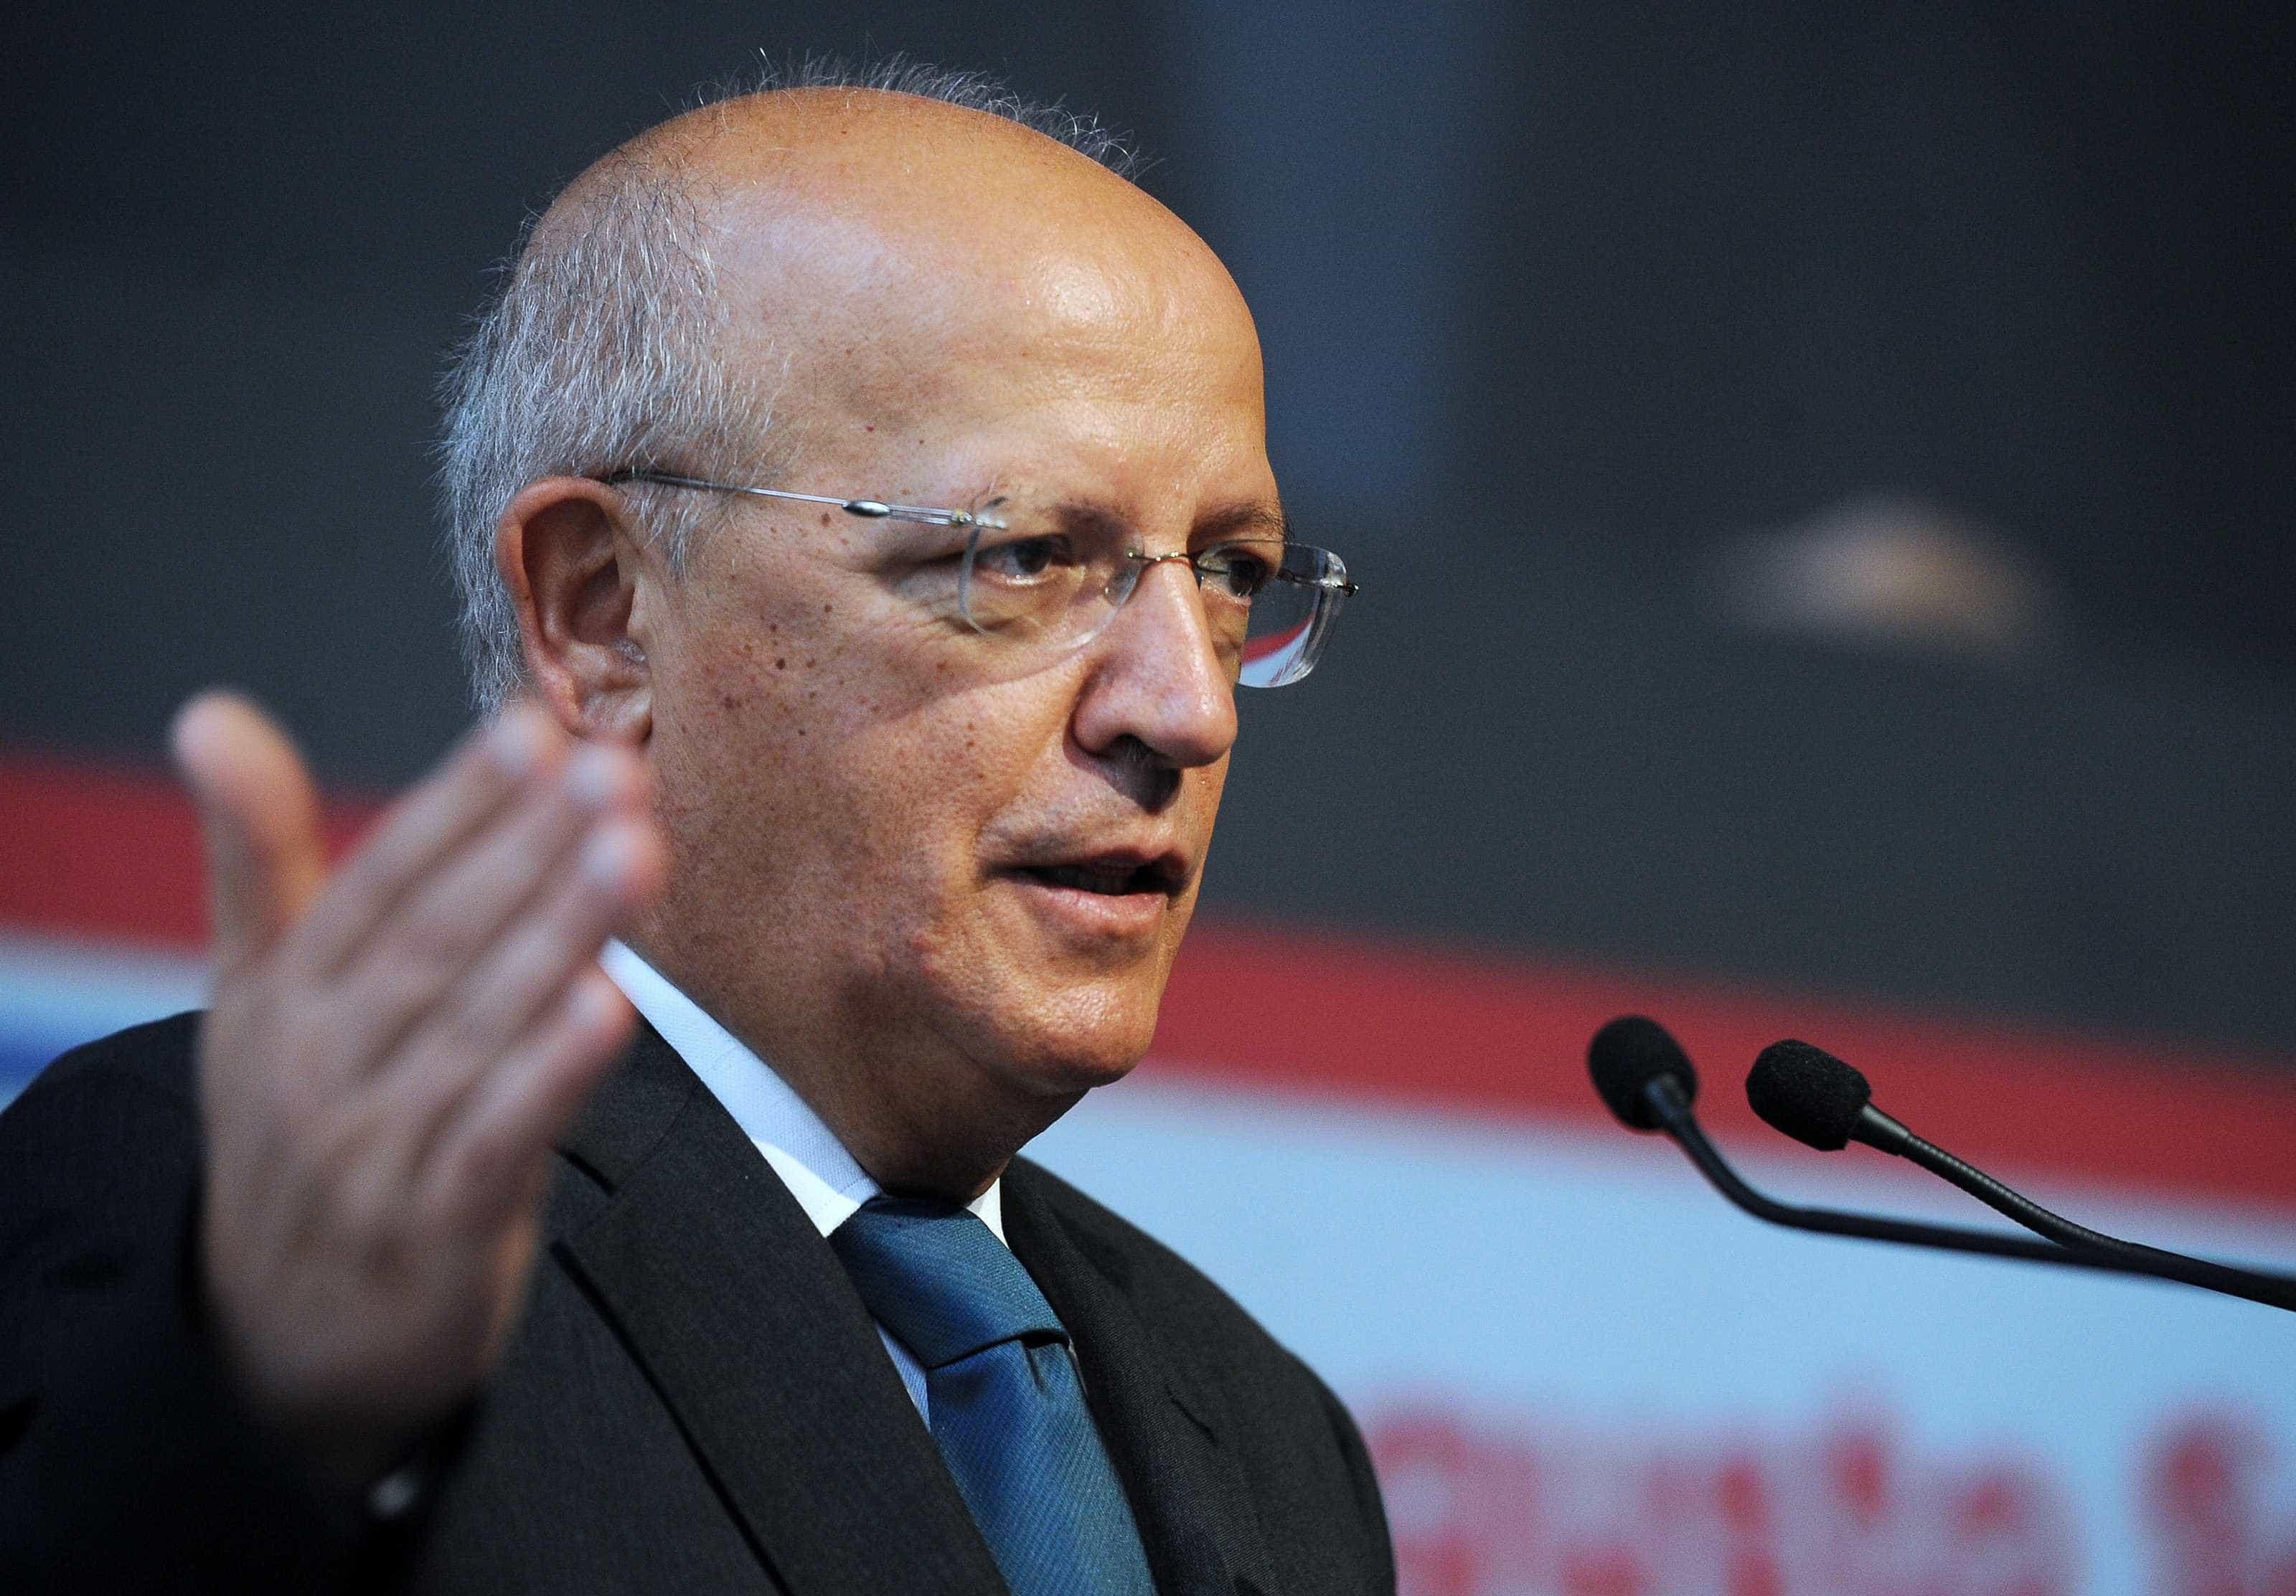 Governo português deseja que negociações conduzam à paz no Iémen